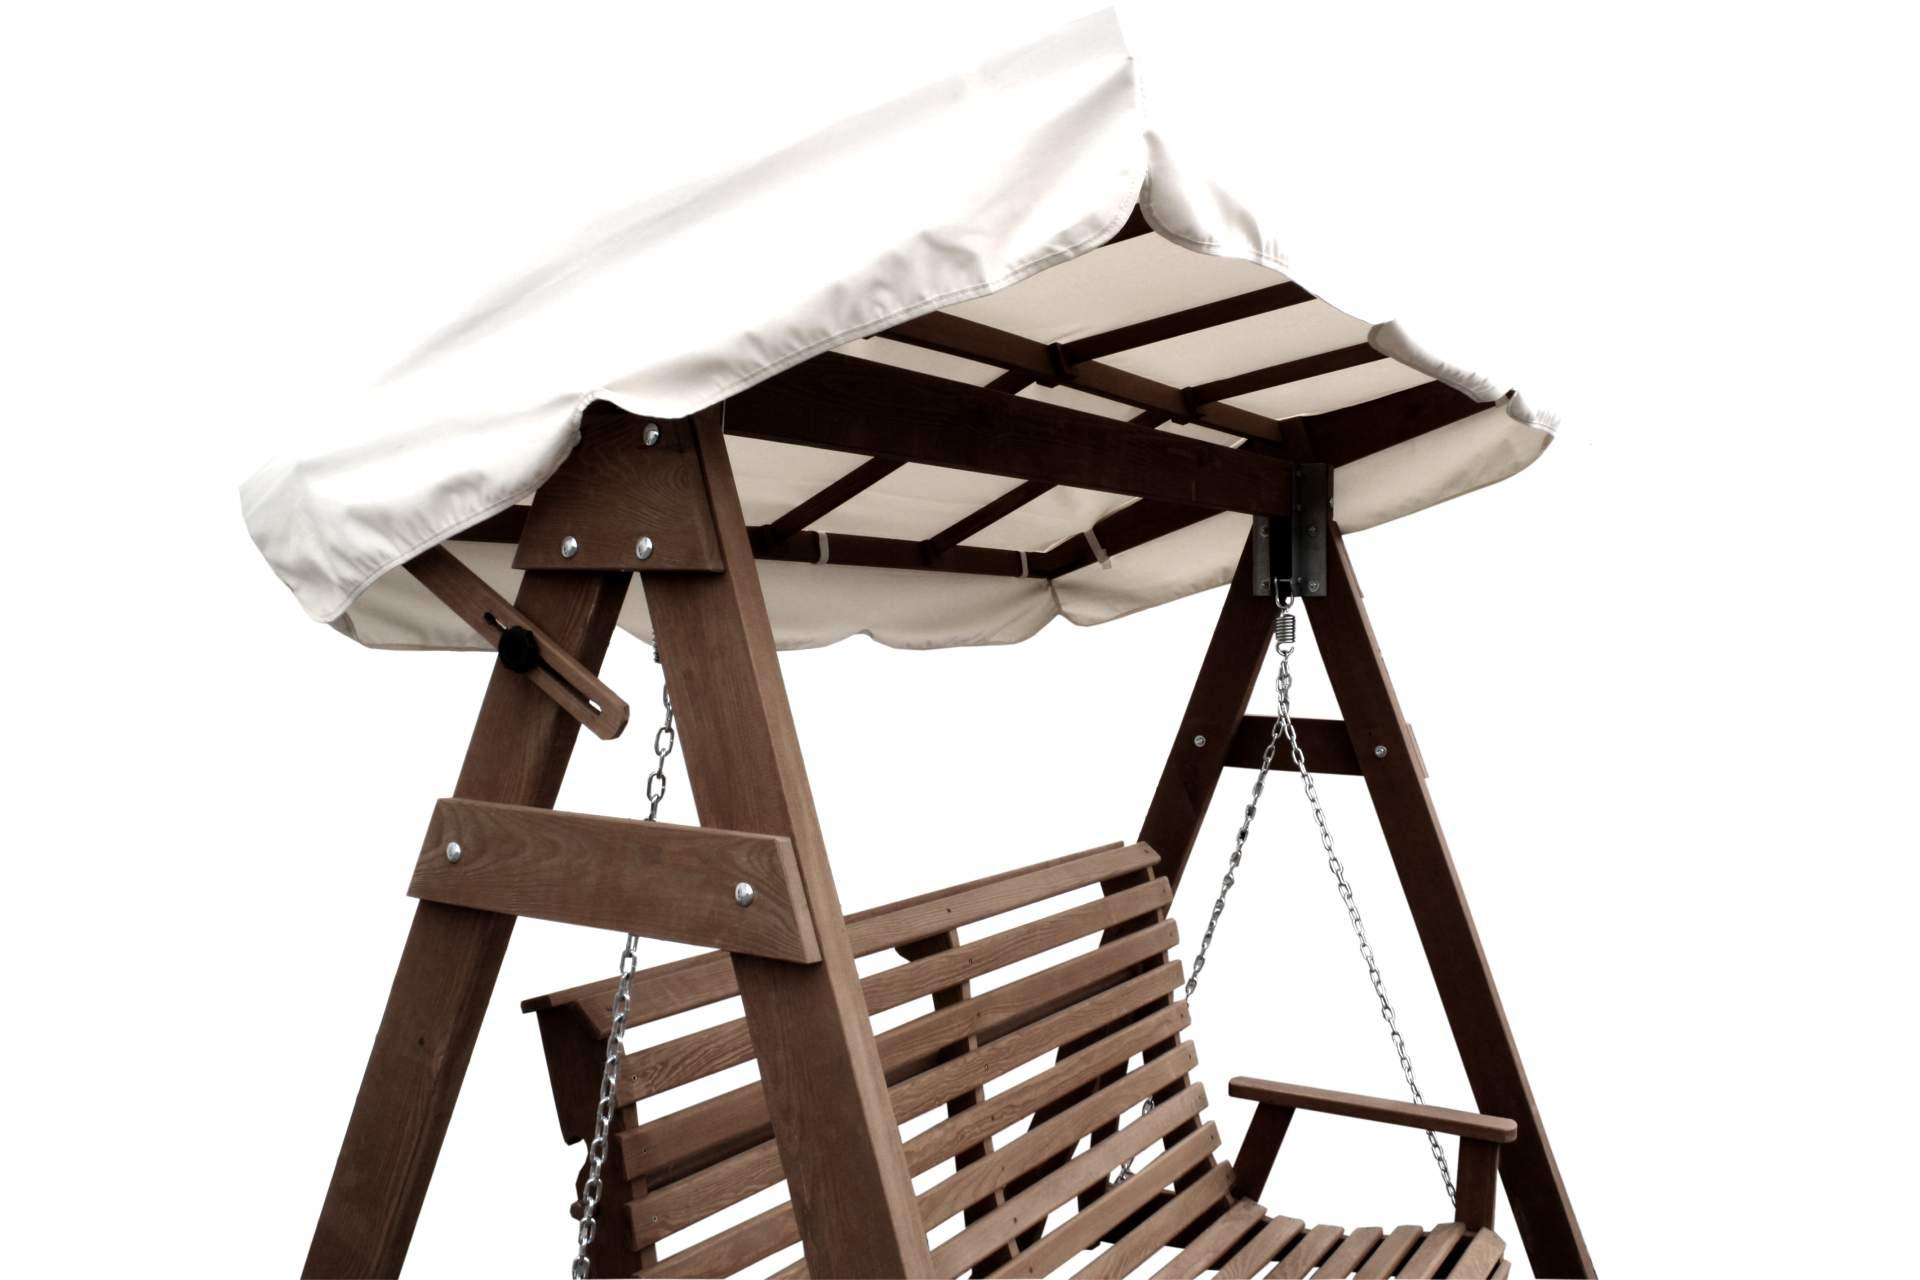 hollywoodschaukel mit dach kiefernholz eiche gebeizt schaukel gartenschaukel neu eur 299 99. Black Bedroom Furniture Sets. Home Design Ideas